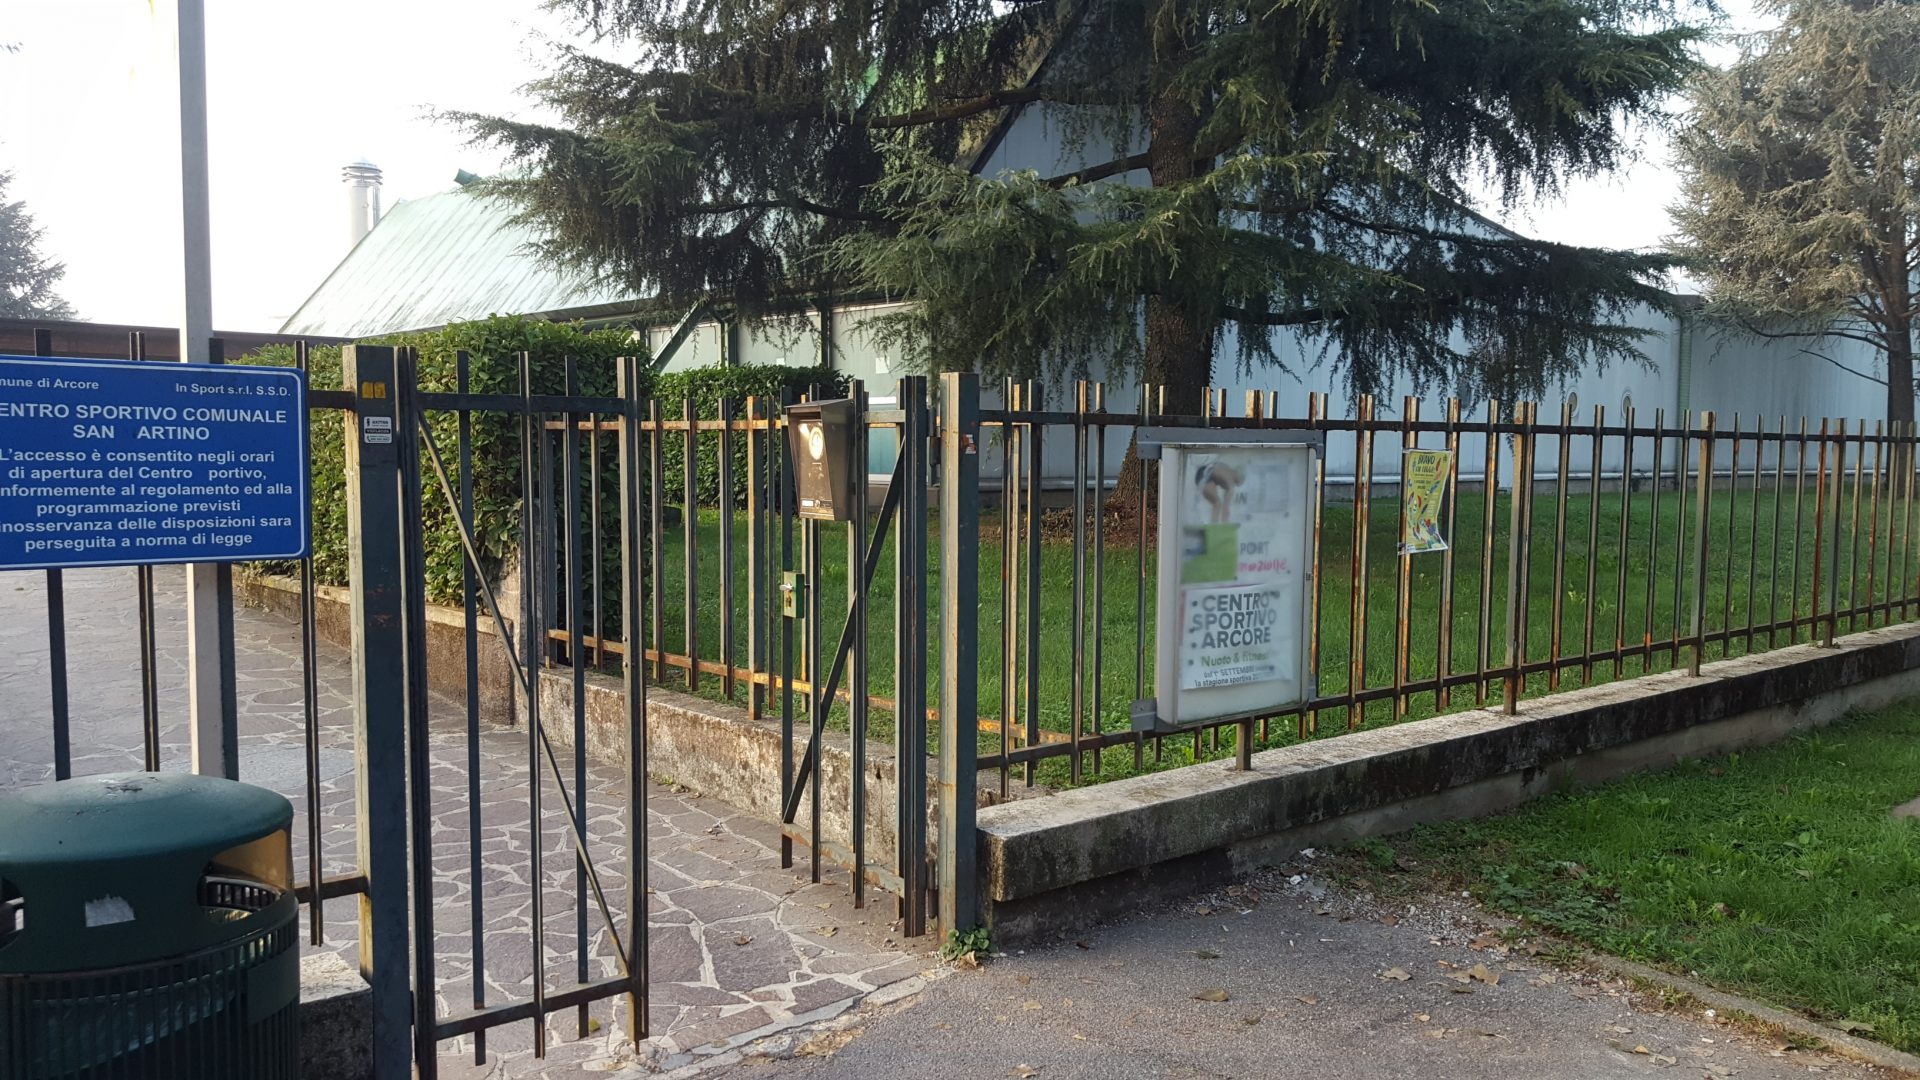 Arcore 75enne Accusa Un Malore In Piscina Giornale Di Monza